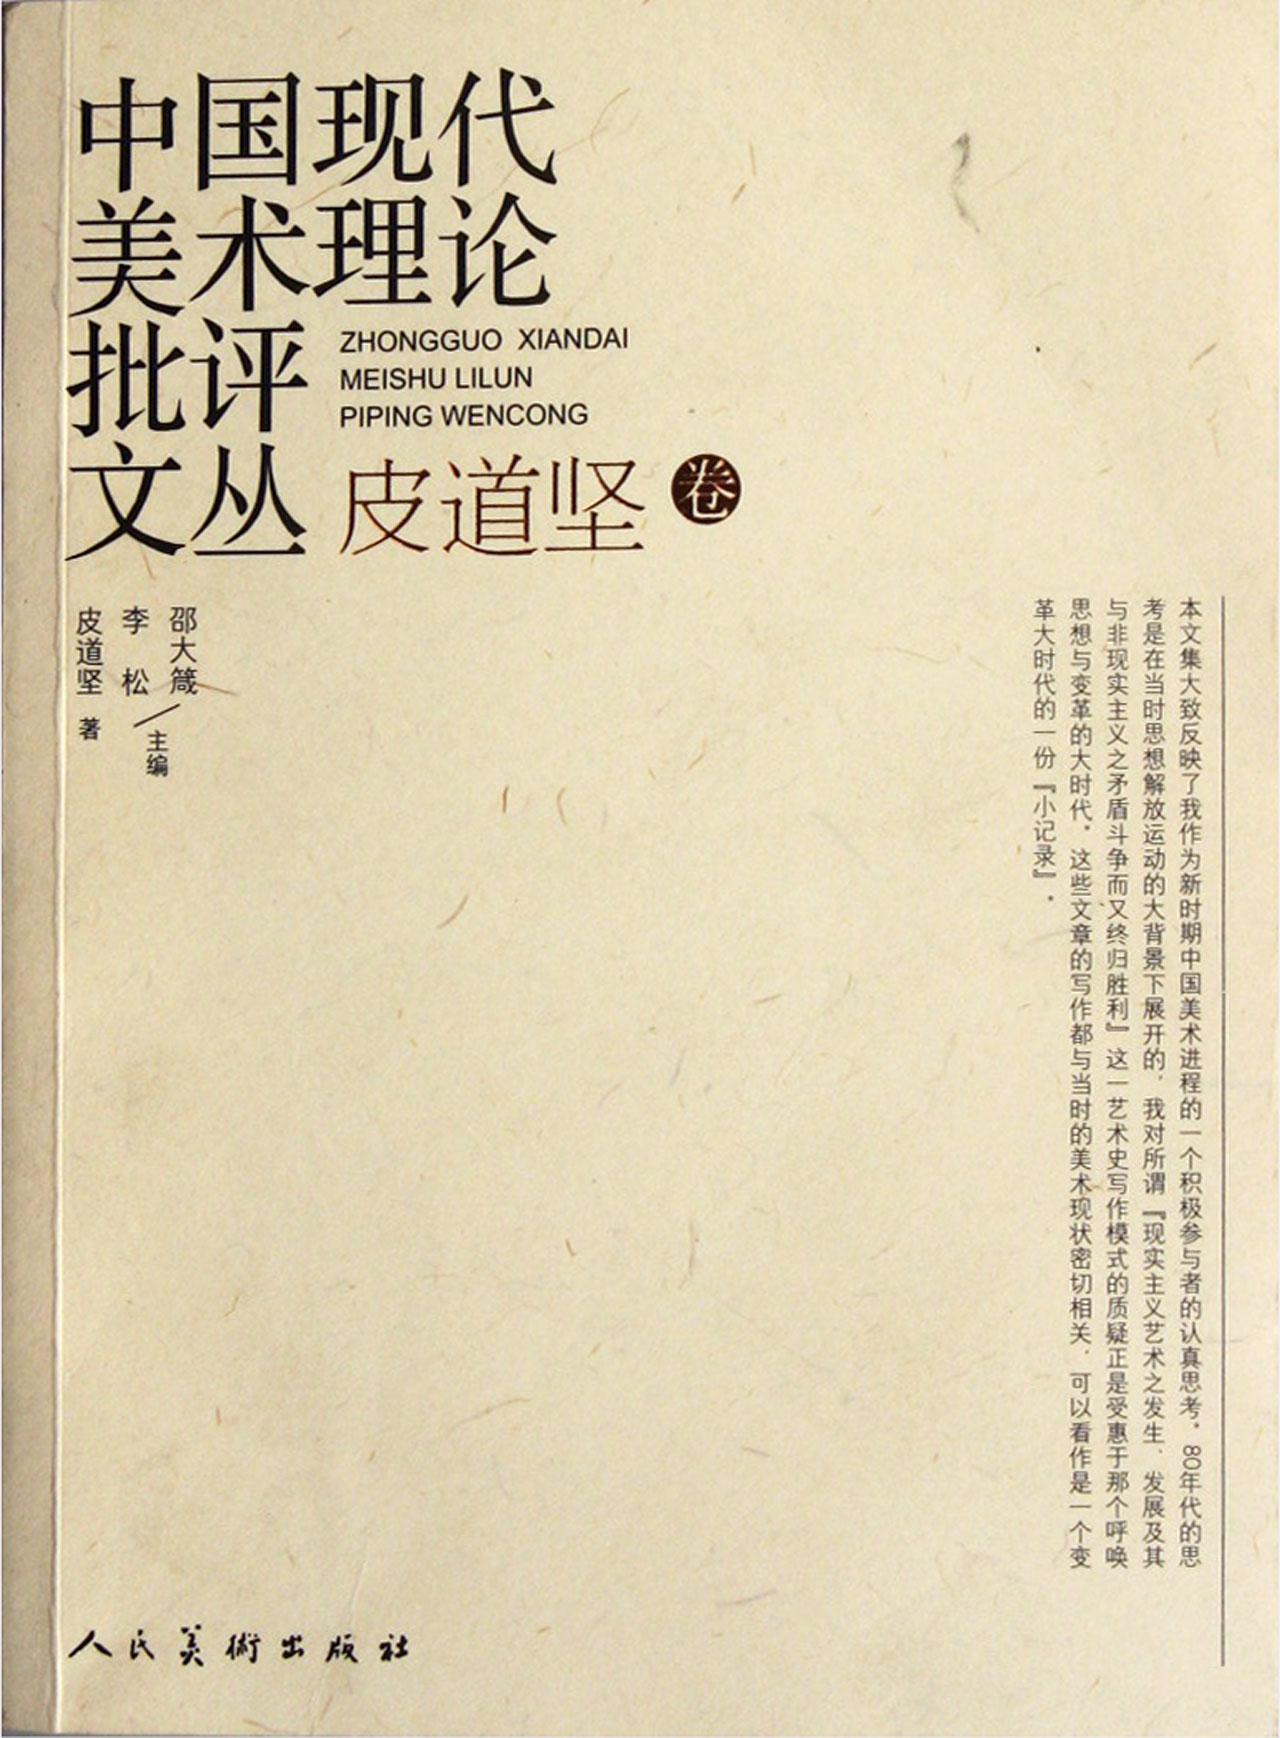 中国现代美术理论批评文丛(皮道坚卷)图片